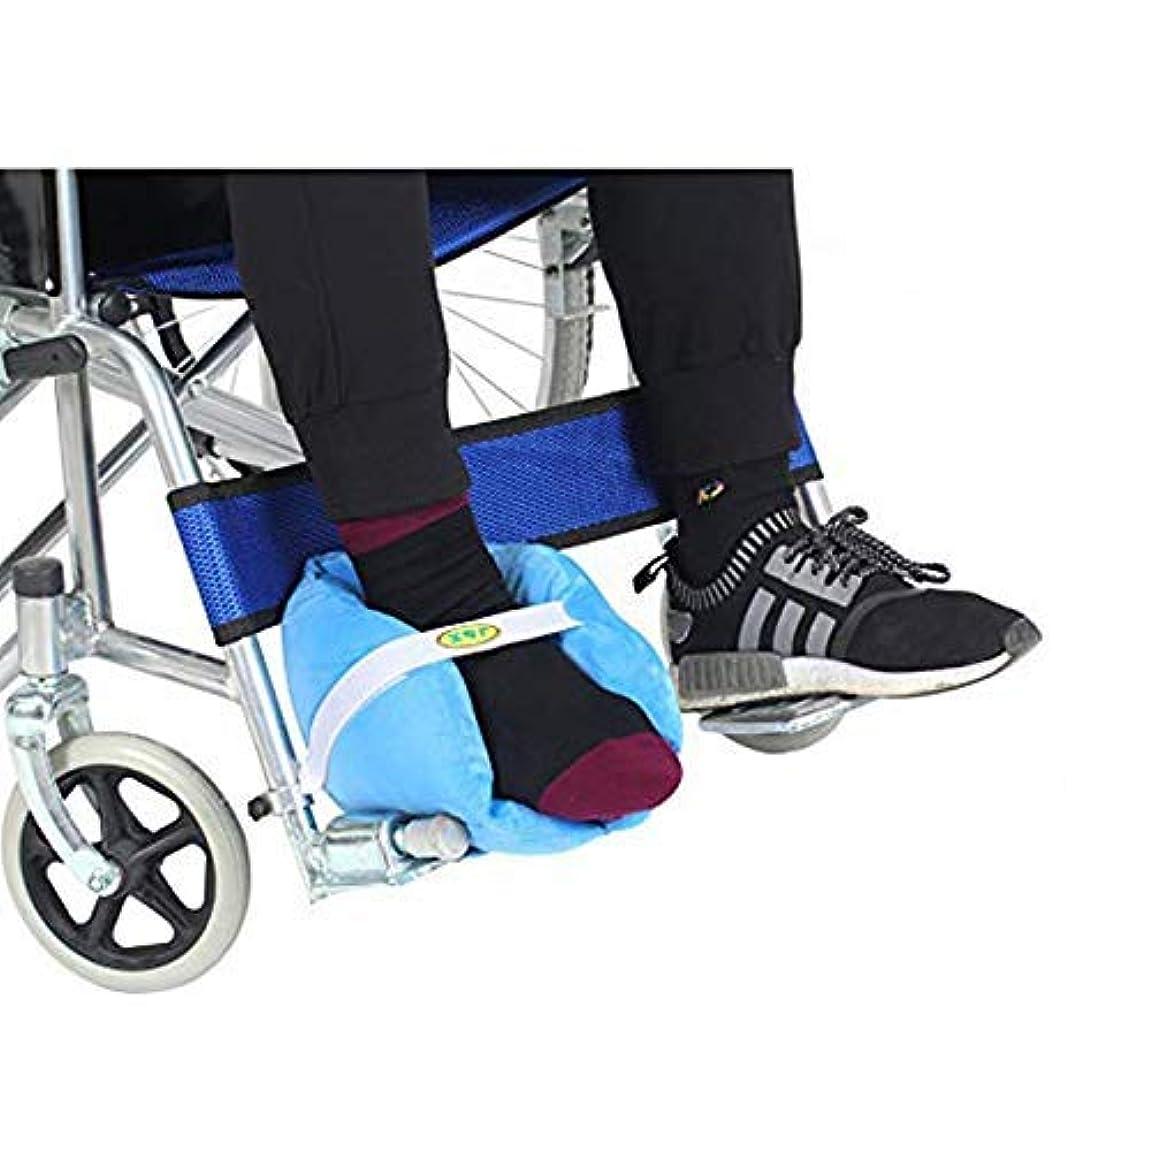 確率属するありふれた通気性の高い弾力性のあるスポンジを充填した褥瘡予防のためのかかと枕プロテクター臥床クッション